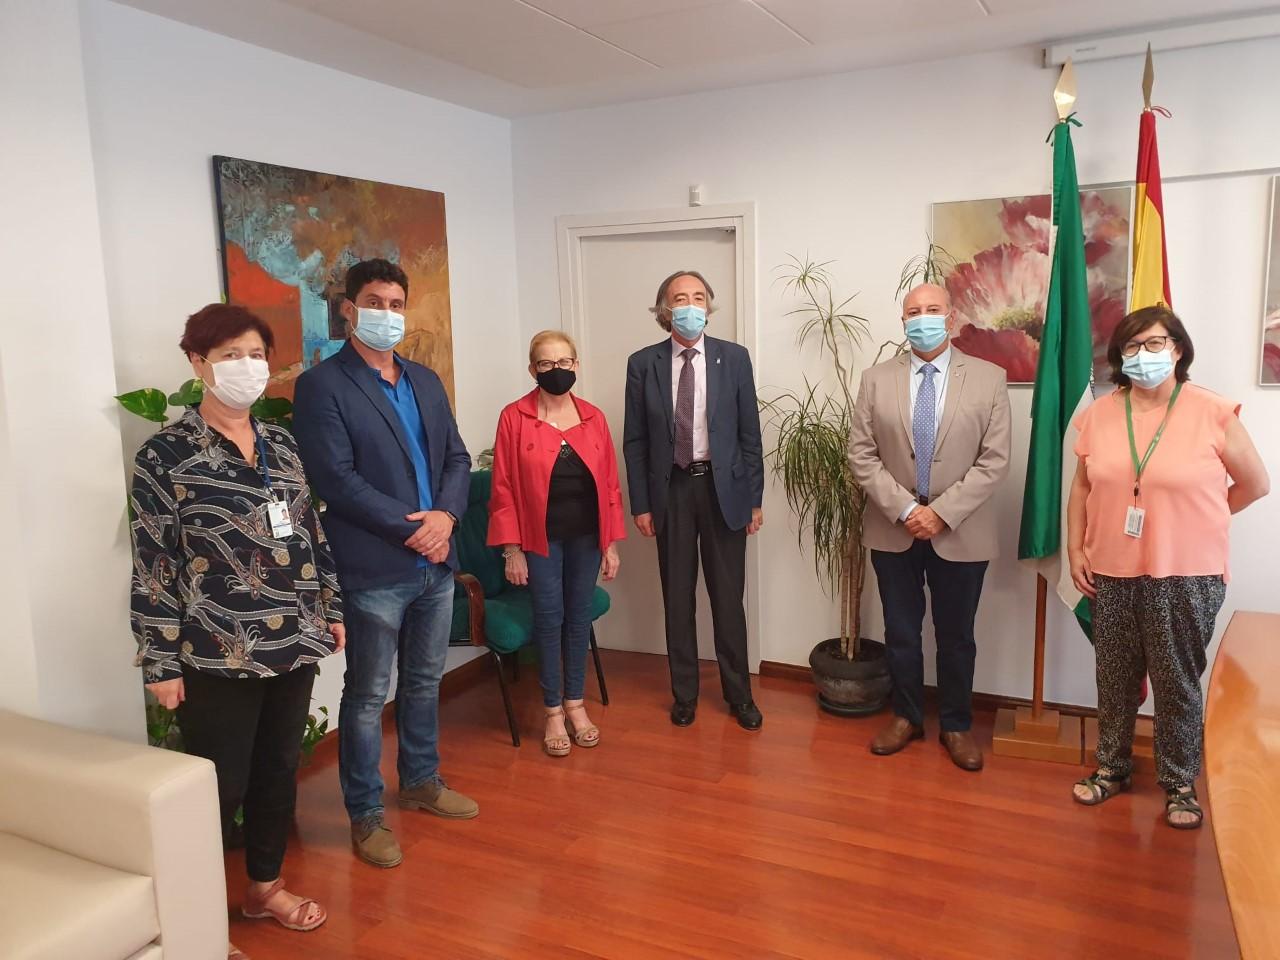 El Hospital San Cecilio y la Asociación ALCER Granada impulsarán el voluntariado y la colaboración mutua